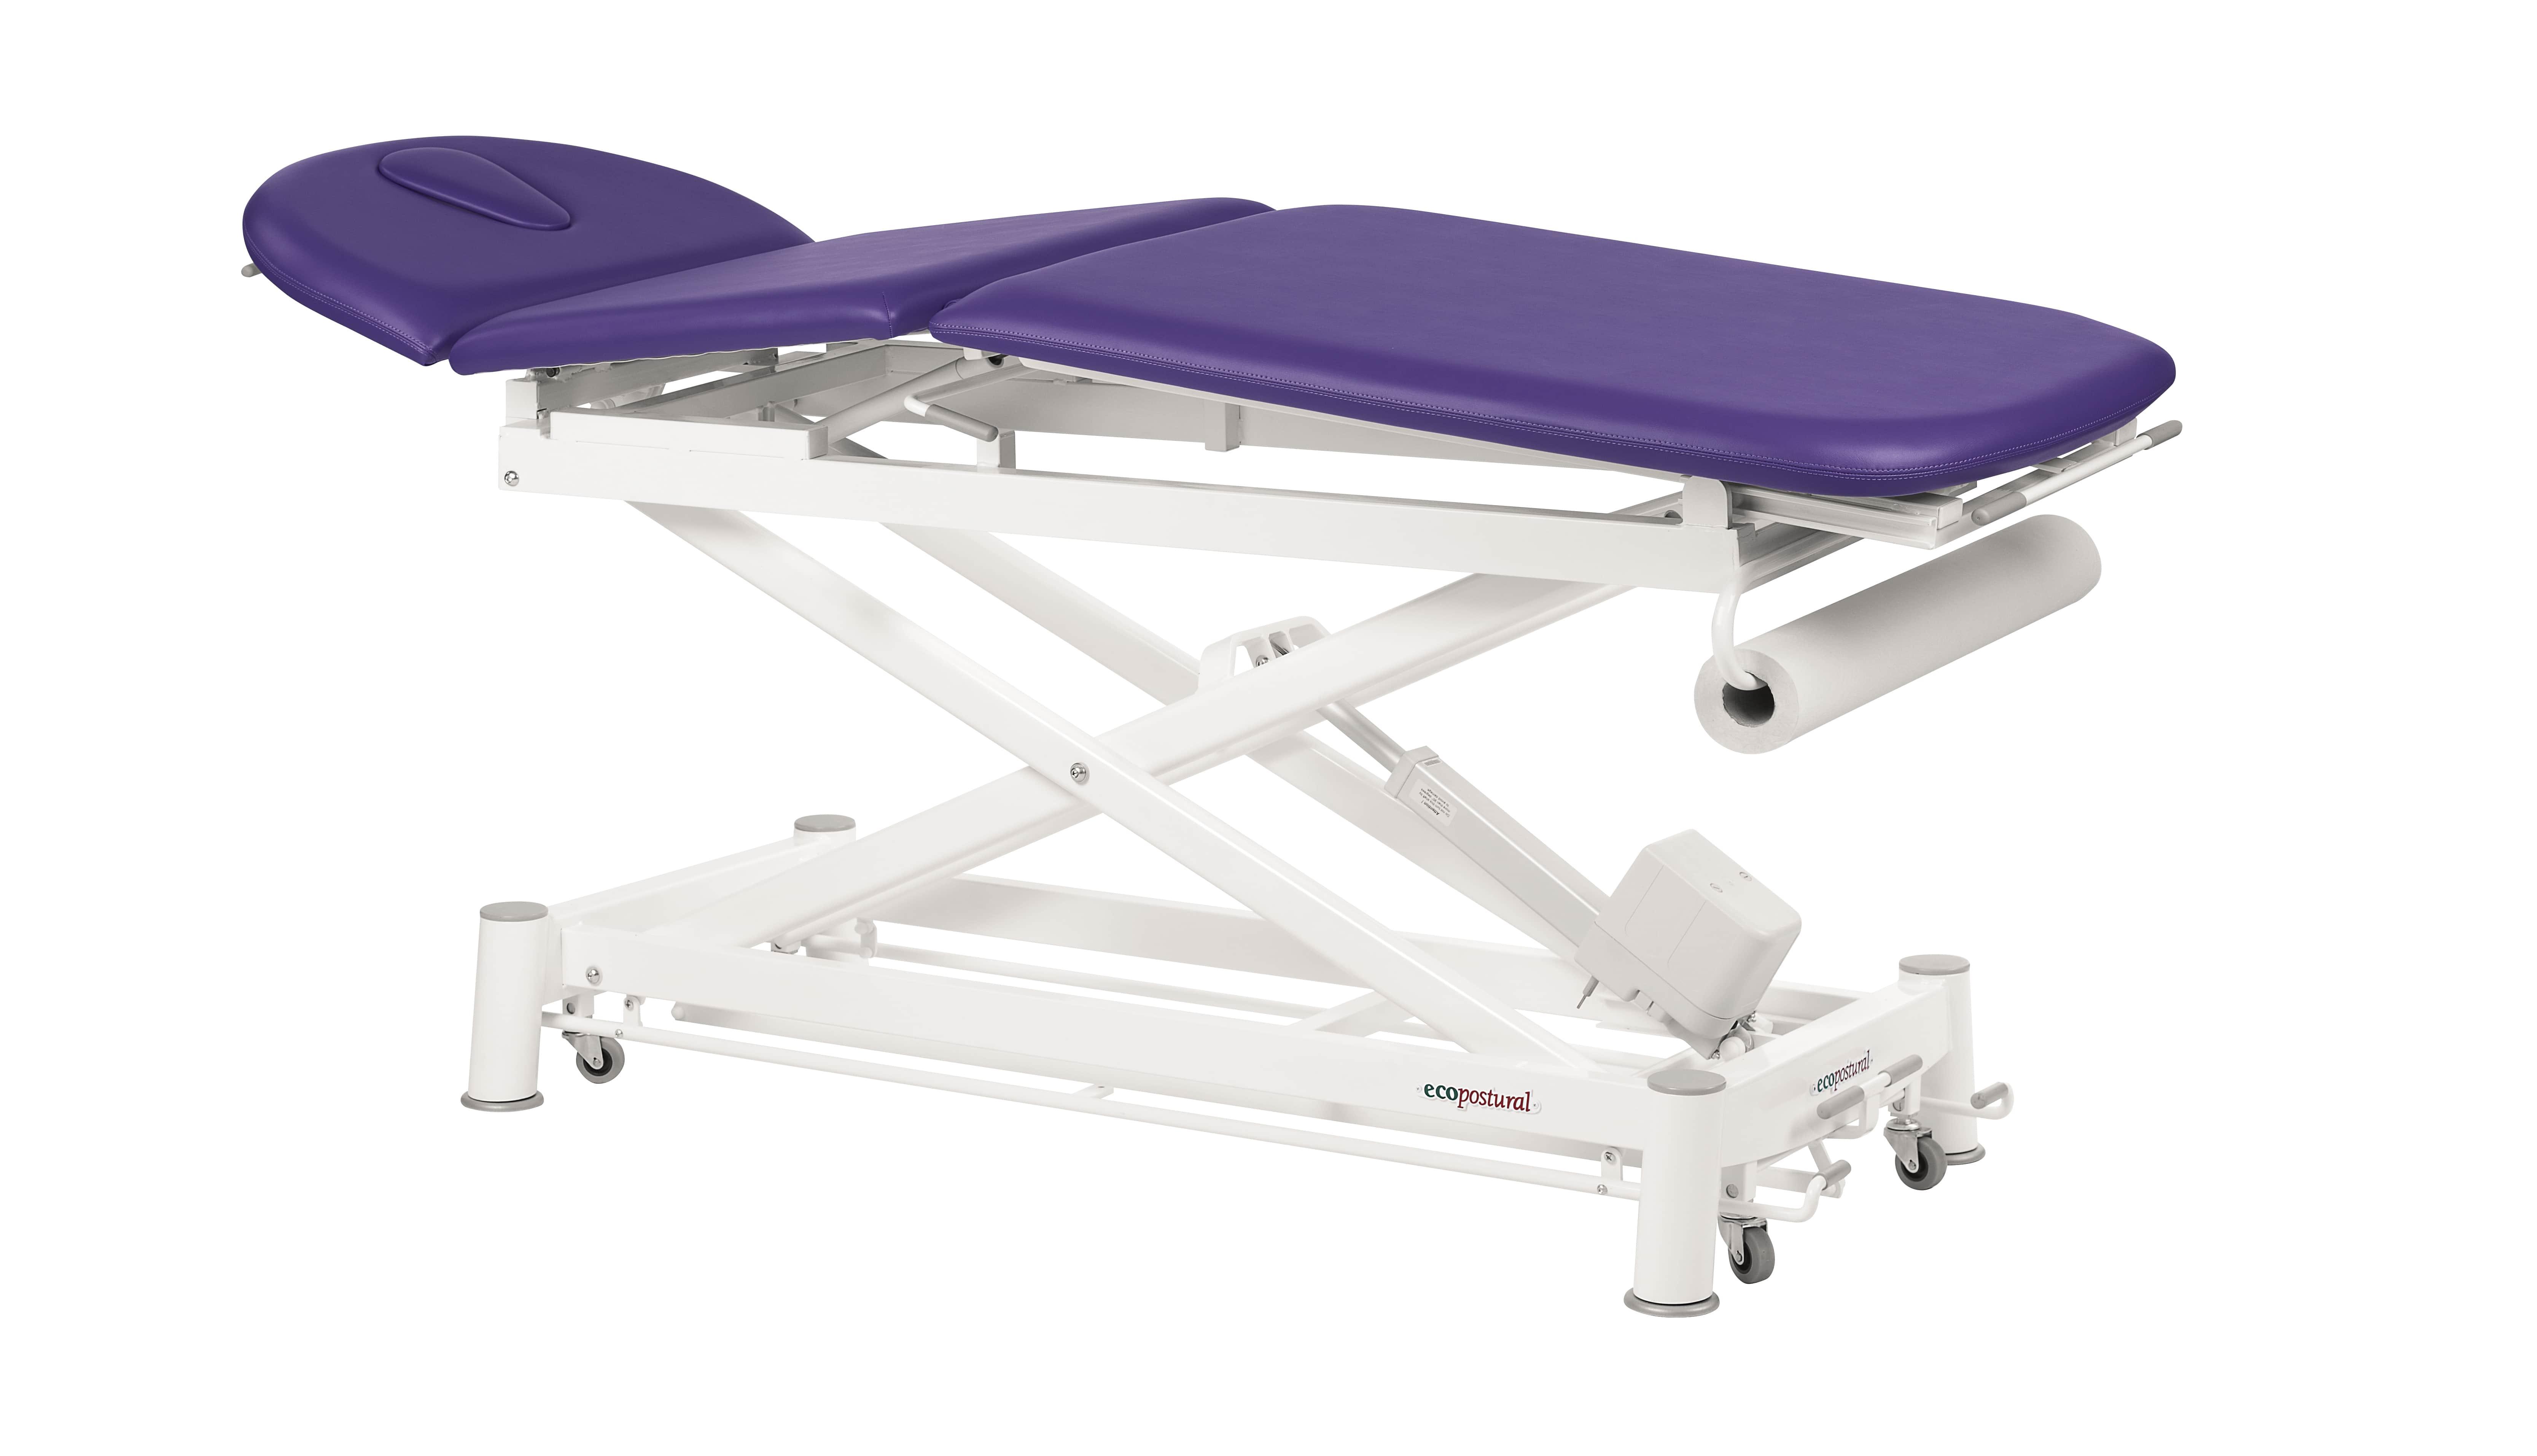 Lettino massaggio elettrico per osteopatia ecopostural c a